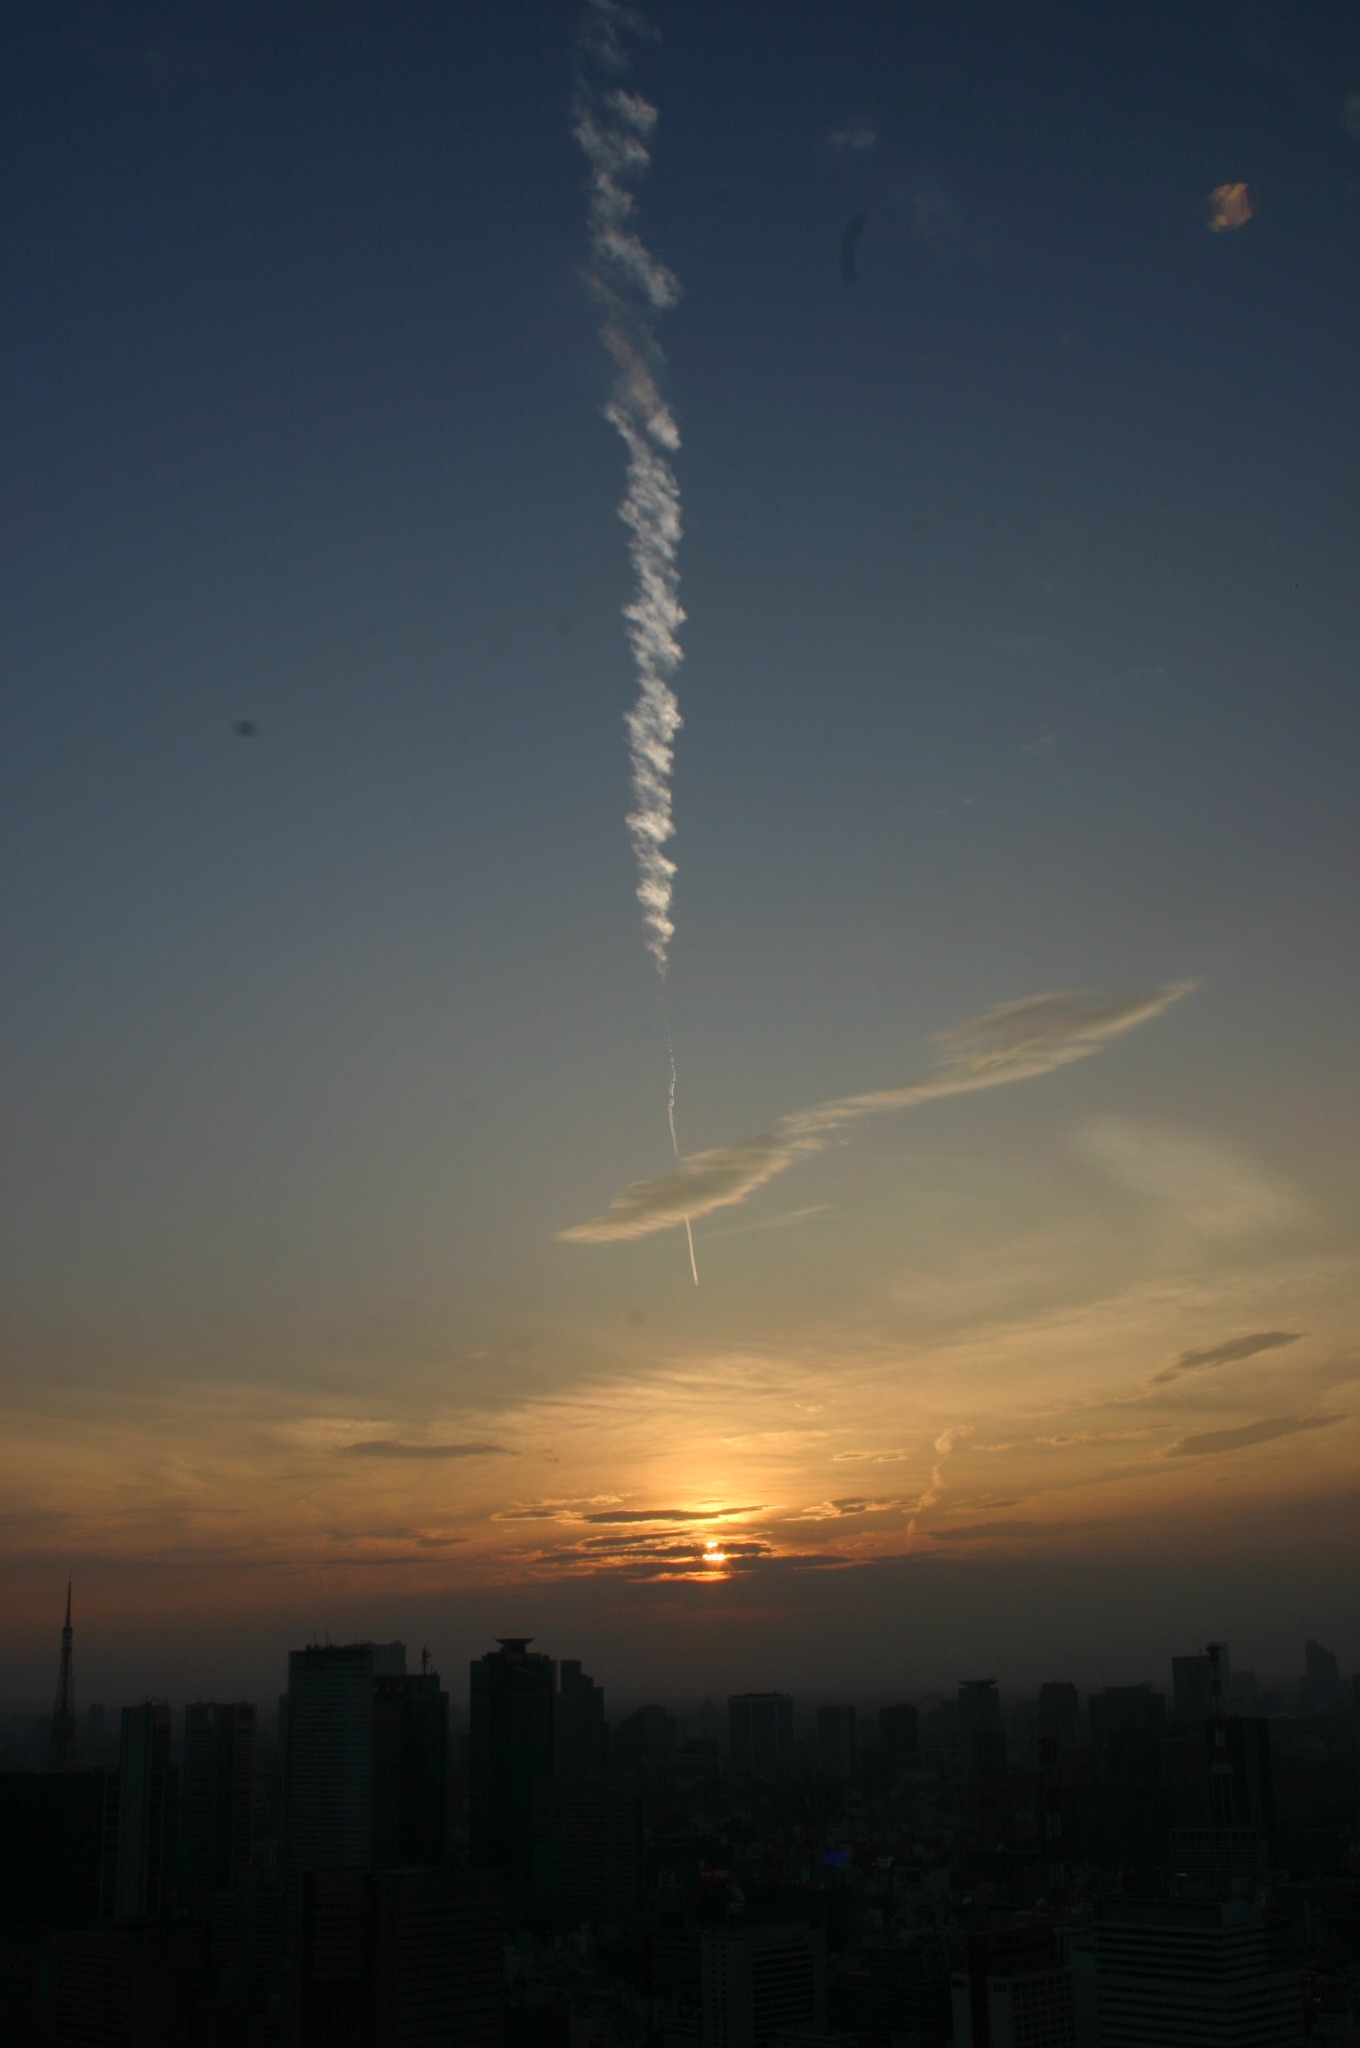 太陽に向かう飛行機雲